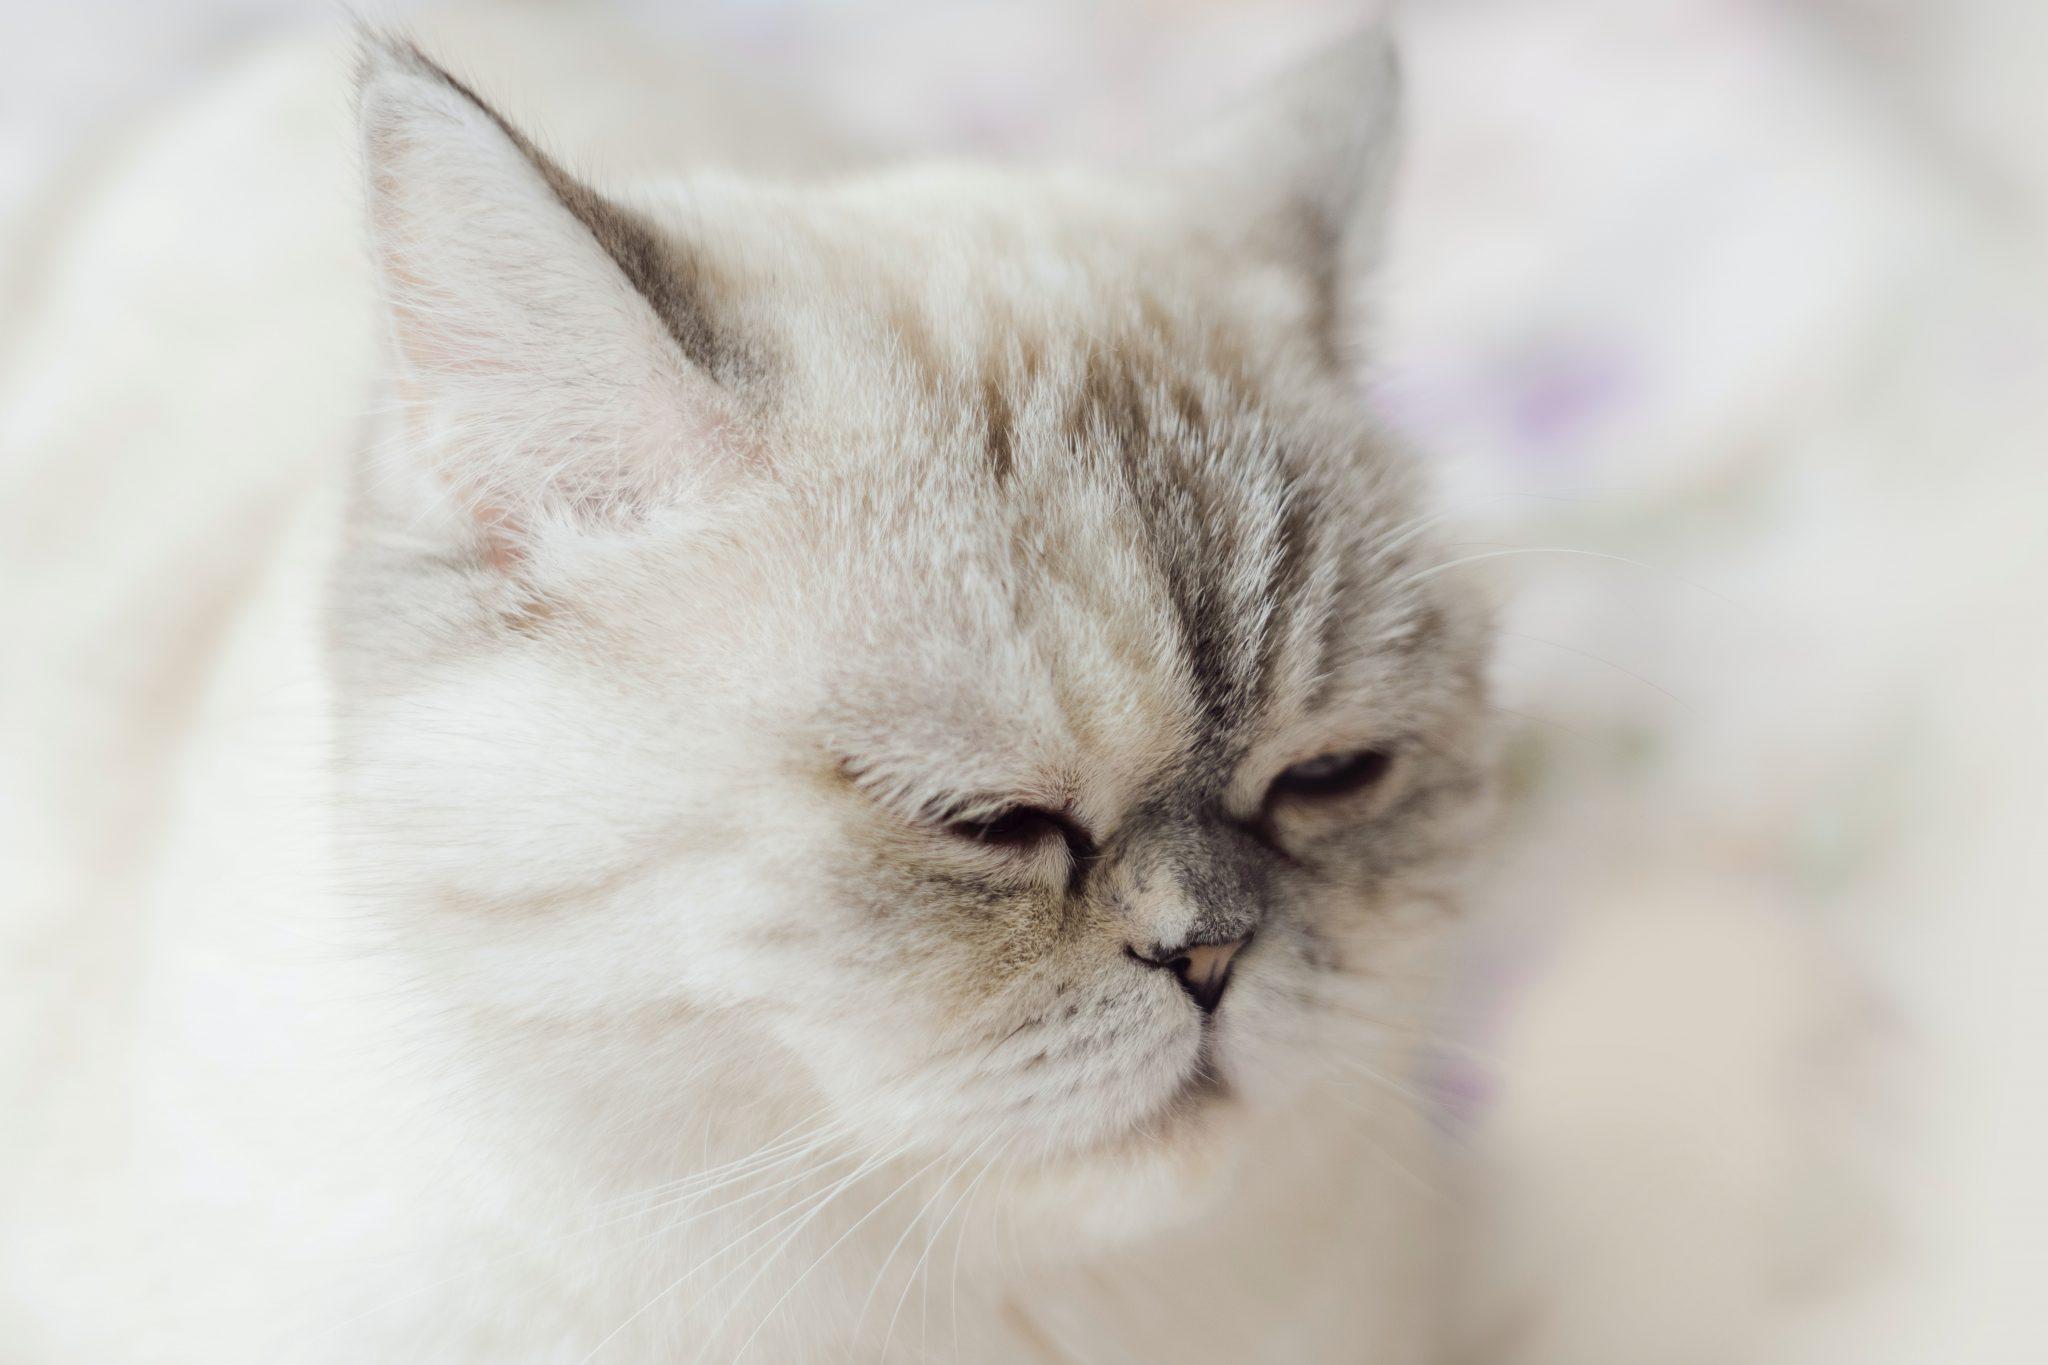 고양이 울음소리